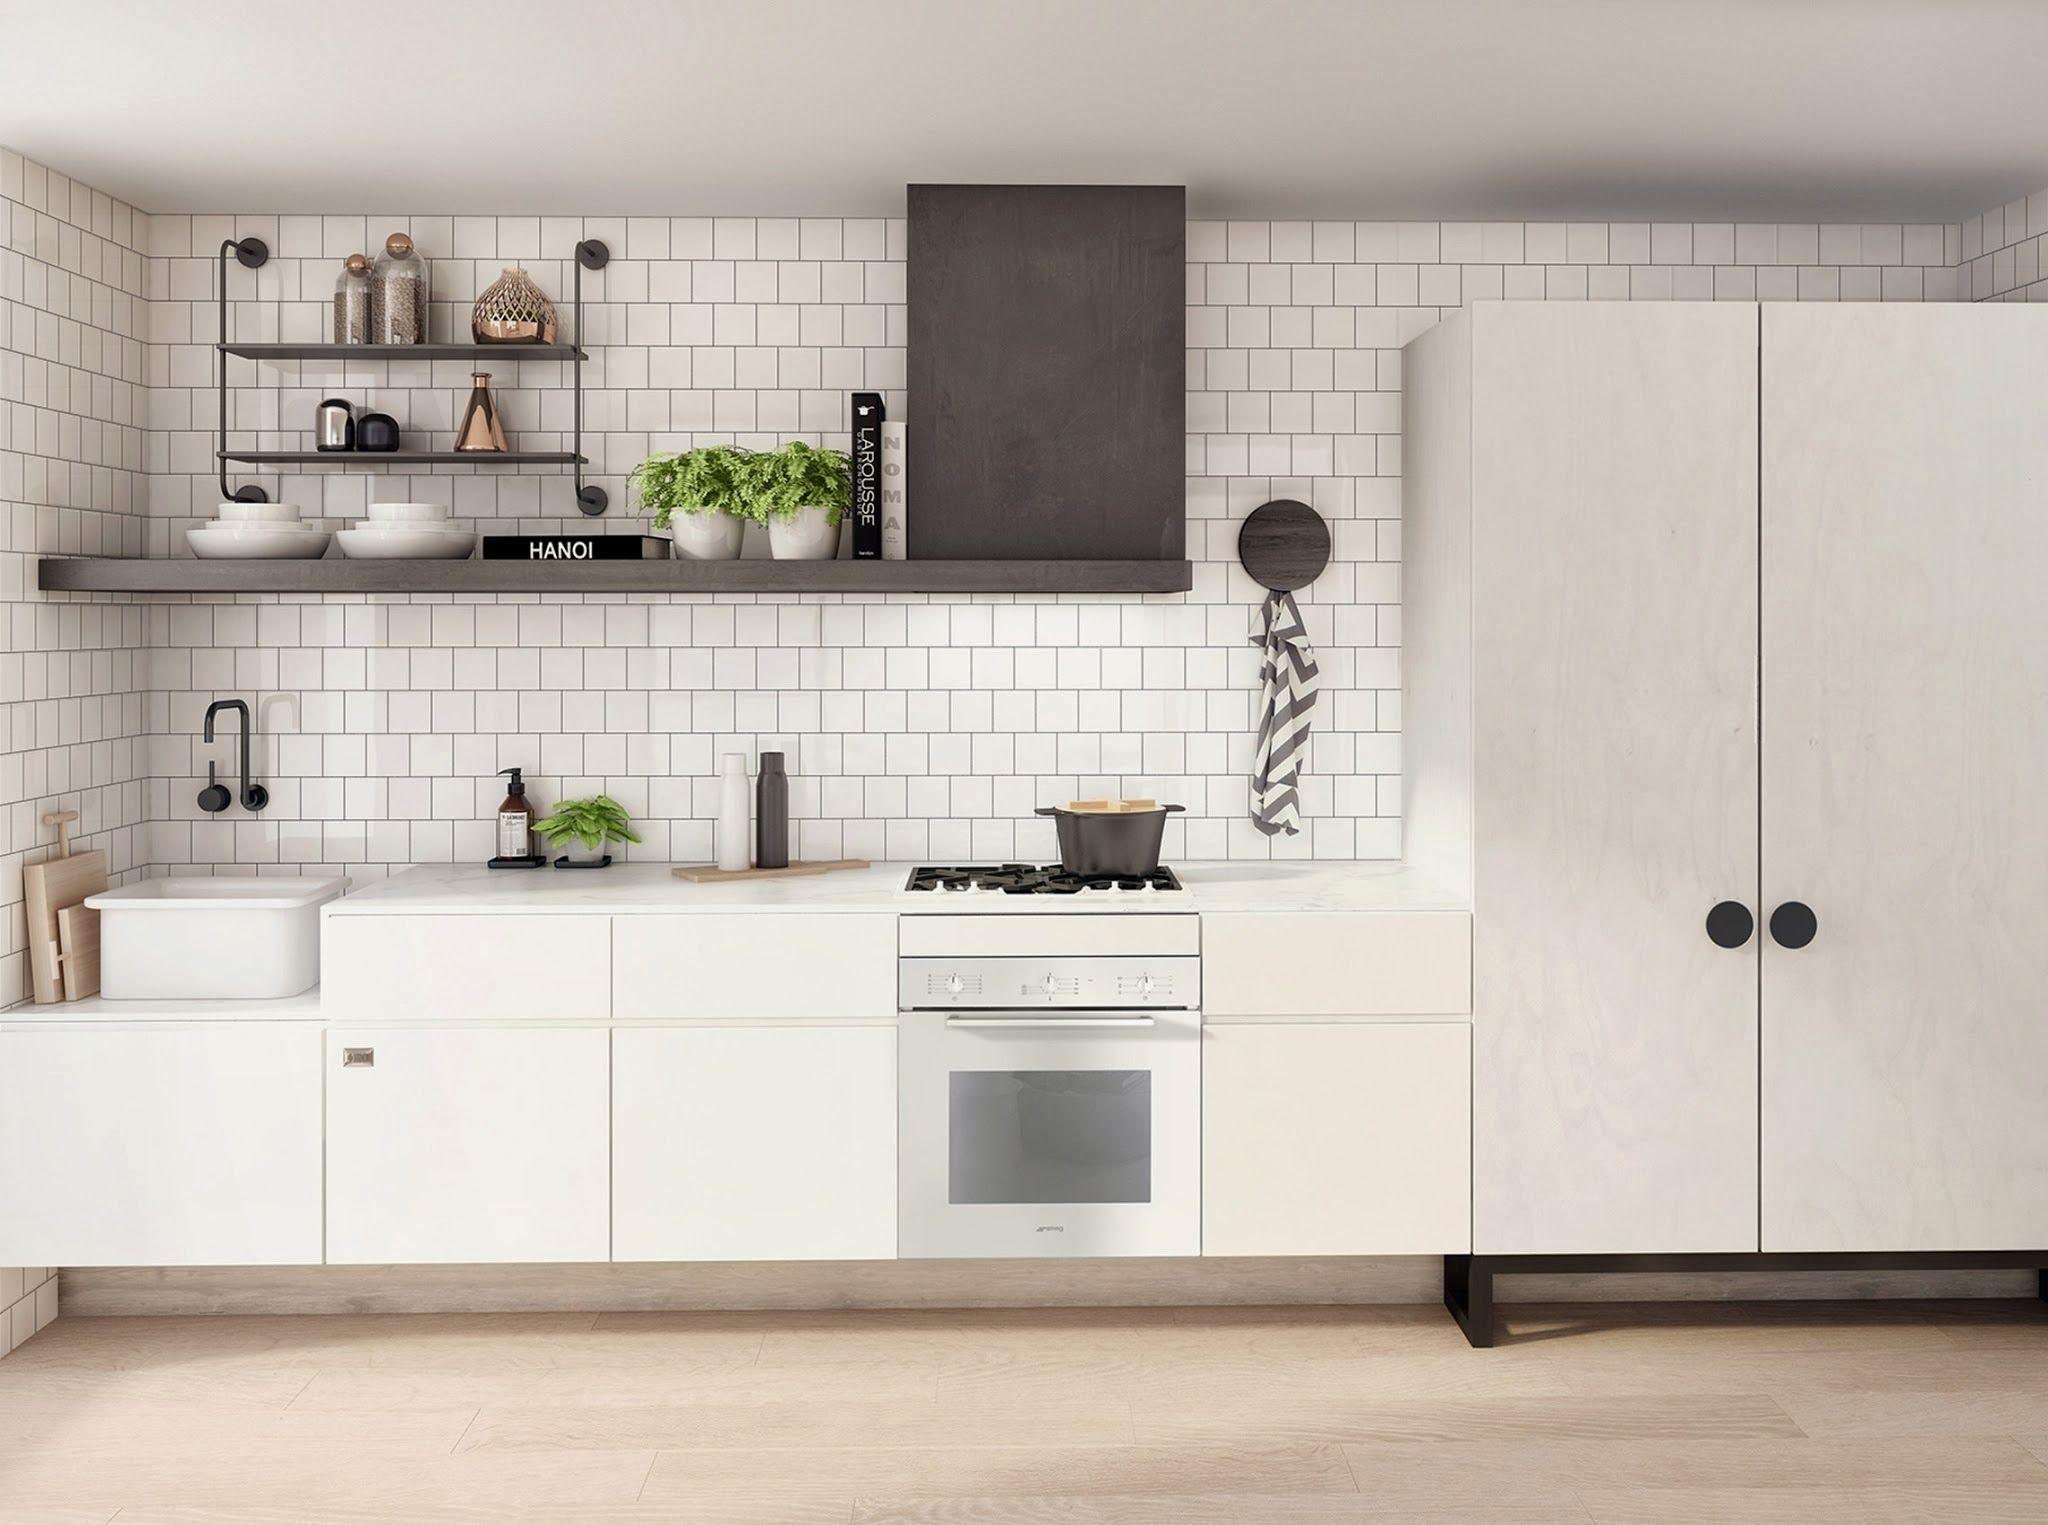 Atemberaubend Französisch Bistro Küche Deko Ideen Fotos ...